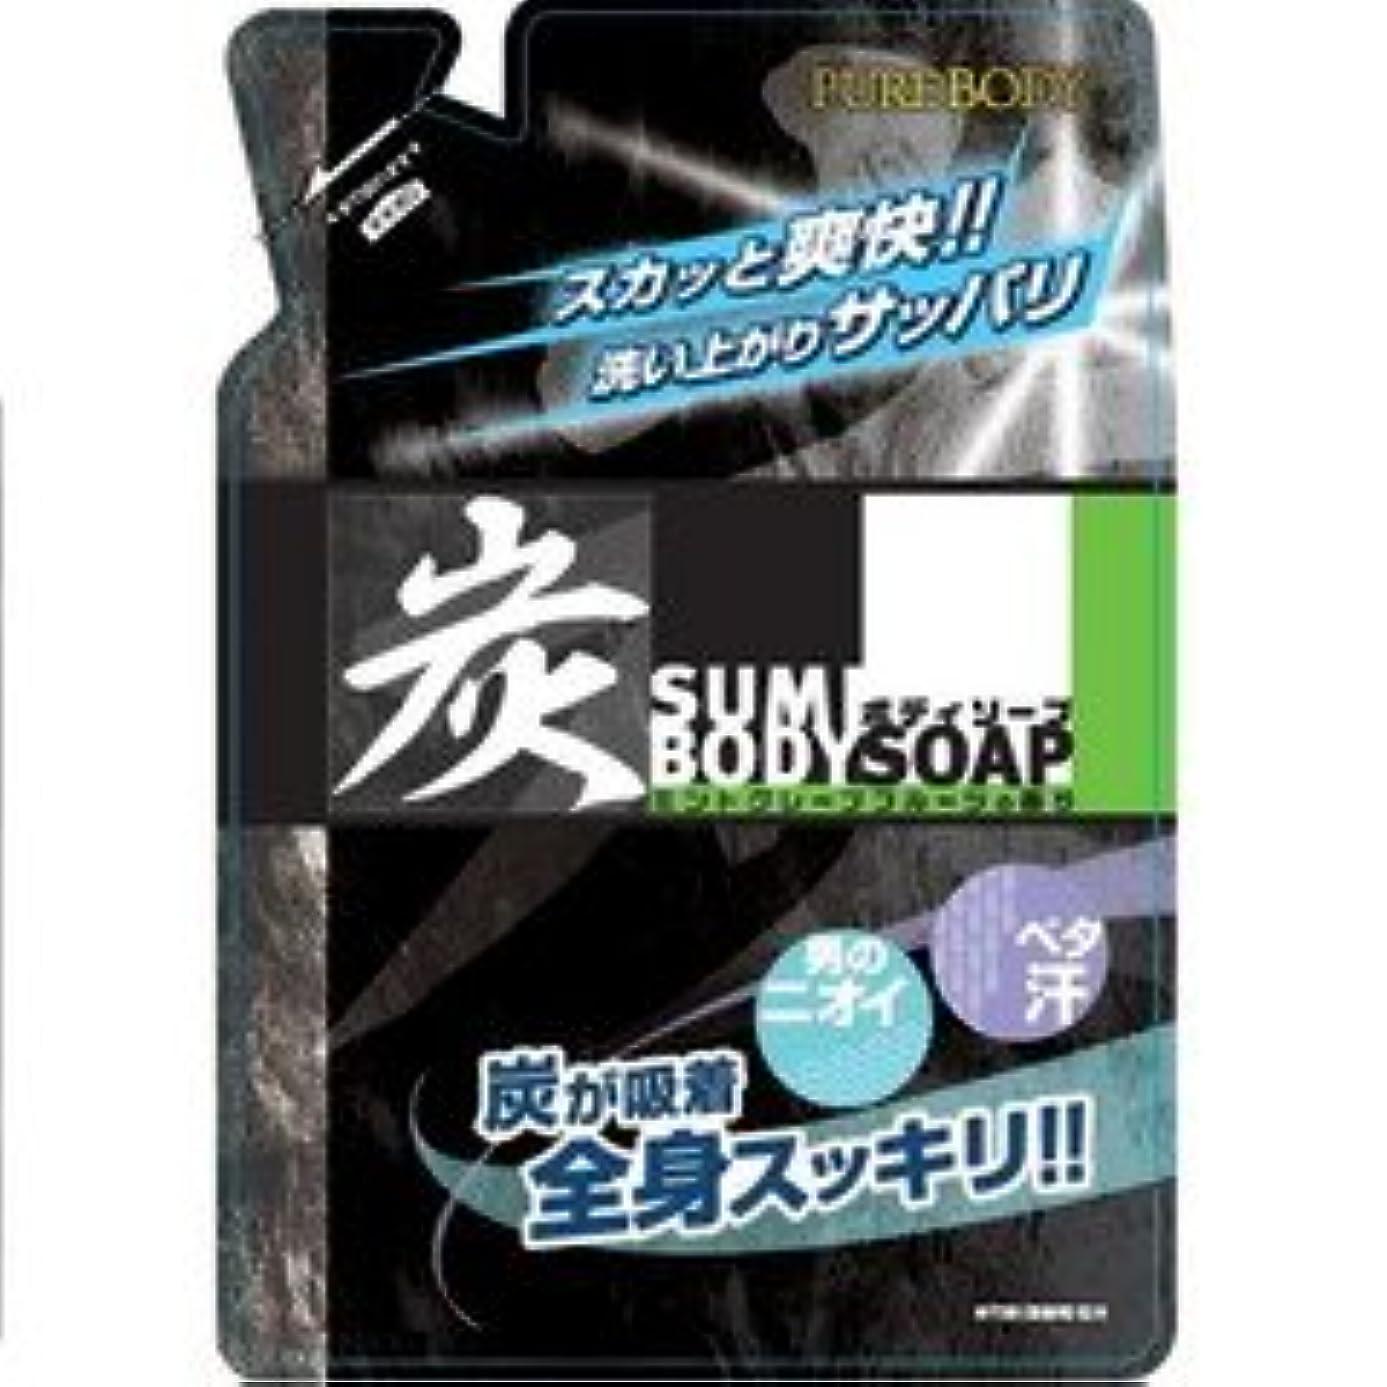 プロフェッショナルこしょう環境に優しい炭ボディソープ ミントグレープフルーツの香り 400ml